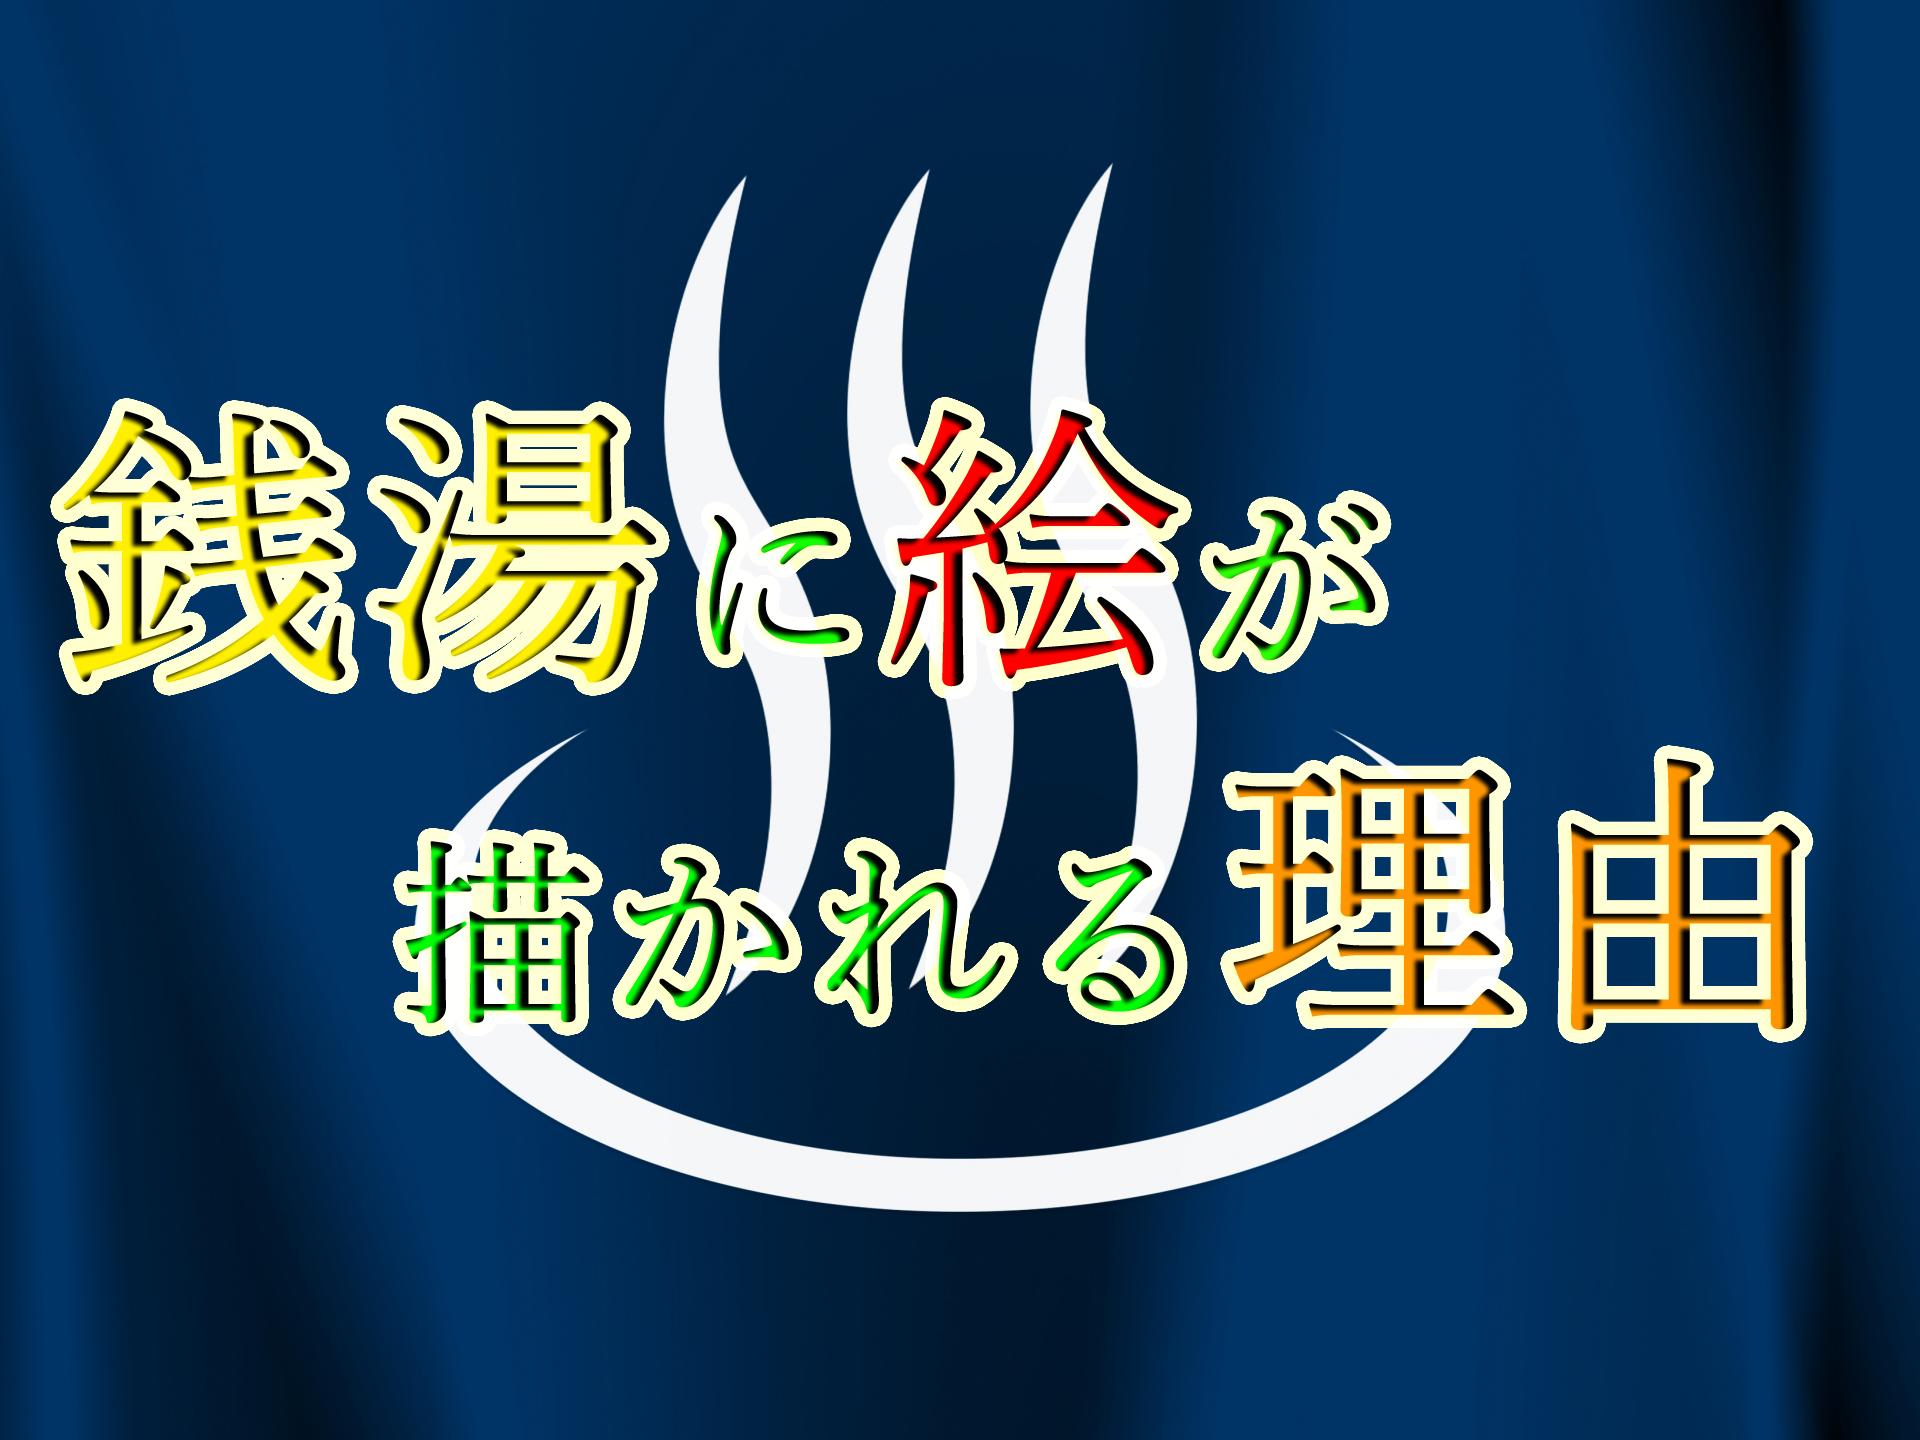 銭湯に絵が描かれる理由【日本の銭湯の壁画にはルールがあった】